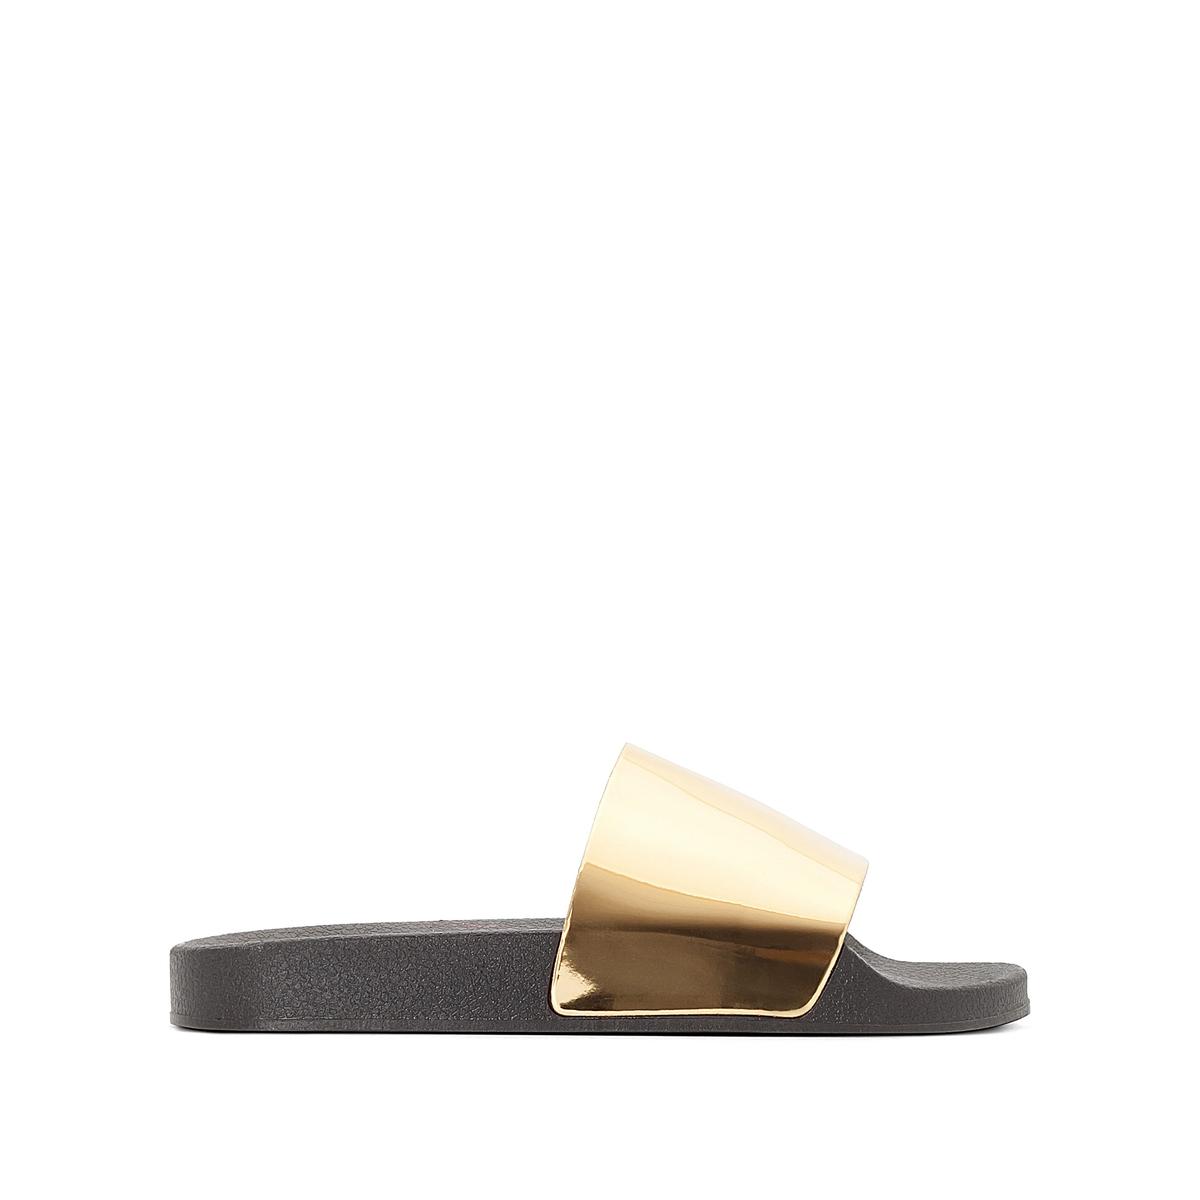 Туфли без задника MirorОписание:Детали •  Туфли без задника •  Высота каблука : 1 см •  Застежка : без застежки •  Открытый мысок •  Гладкая отделкаСостав и уход •  100% ЭВА •  Стелька : 100% ЭВА  •  Подошва : 100% ЭВА<br><br>Цвет: золотистый